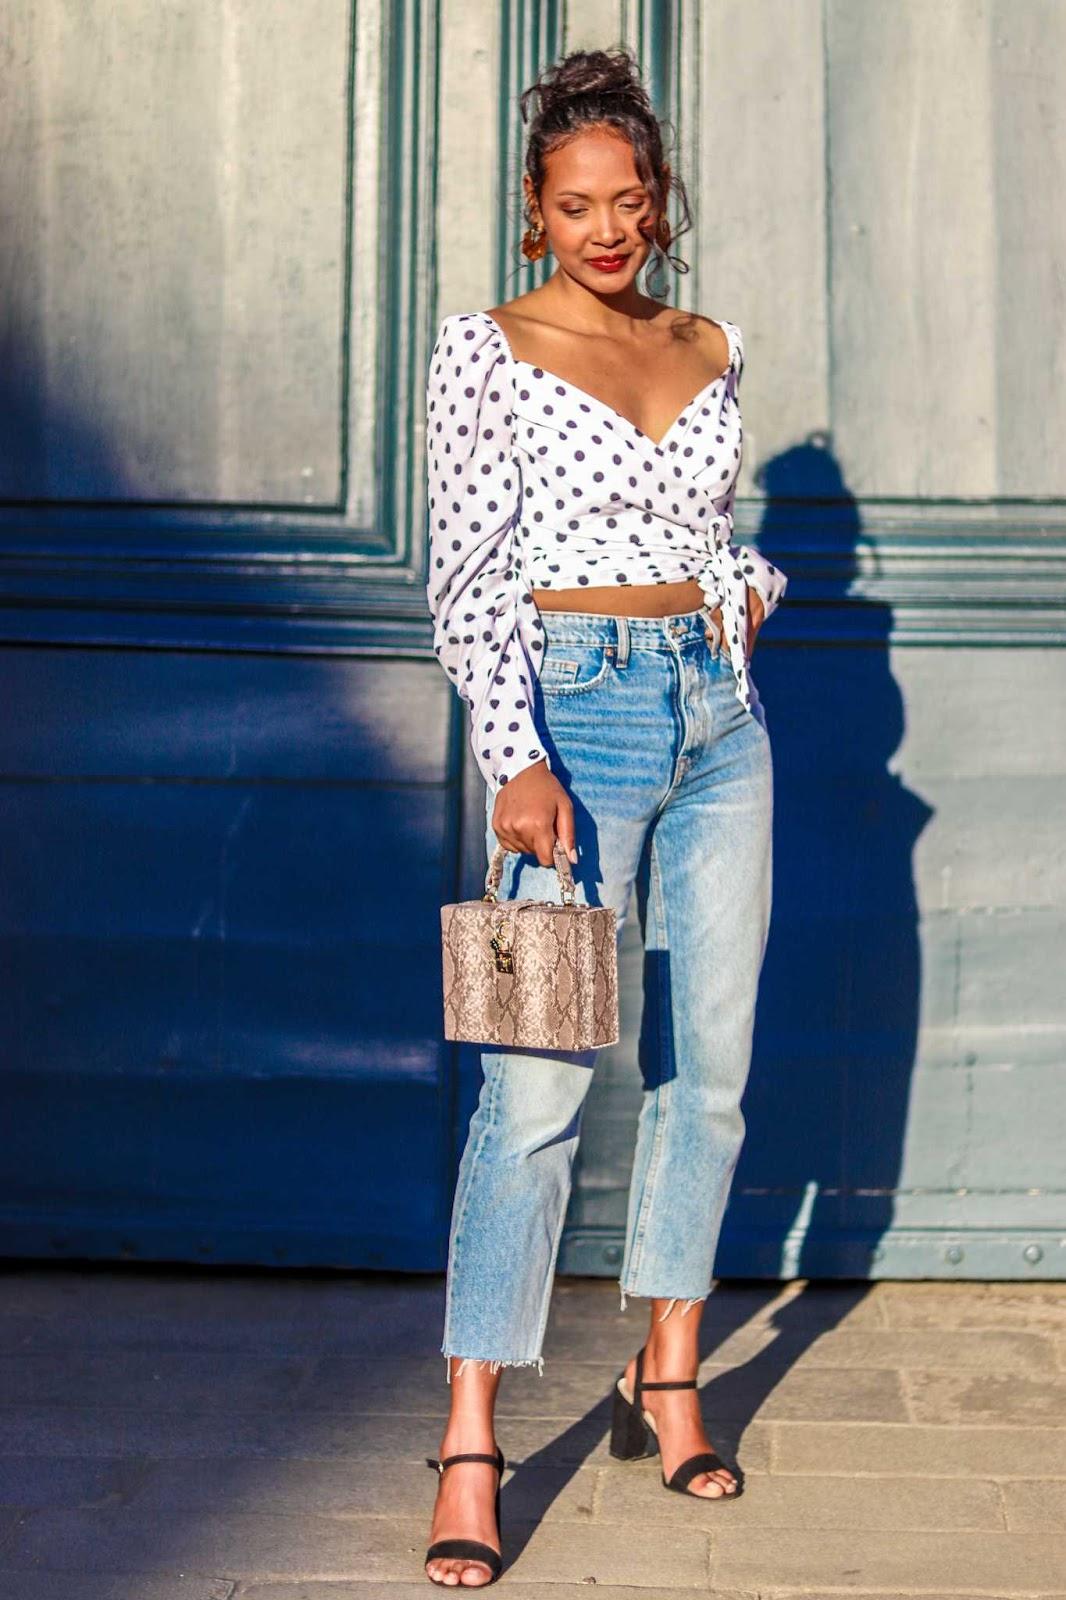 Ayant grandi dans les années 90, j`ai pu avoir une petite aperçue  de l`atmosphère et de l`ambiance   qui régnaient dans les années 80.  Et comment vous dire que j`adore cette époque. C`était la période ou les grandes icones de mode  étaient de femmes d`opinons et de caractère. Entre Naomi Campbell  qui a bousculé le monde de la mode en devenant  la première femme noire  a apparaitre a  la une de vogue France en 1988  ou   Lady Diana  qui  a révolutionné la famille royale d'Angleterre, on est très loin des  stars de télé réalité qui sont devenues les modèles de millions de jeunes filles  aujourd`hui.  On n` était  pas aussi proche de la  course à la perfection  actuelle.  Je n`ai rien contre la technologie, mais imaginez  une seconde si on pouvait  poster sur les réseaux sociaux sans  nous sentir obligé de passer par photoshop, lightroom, VSCO ou d` utiliser des filtres.      Des années 80...une des choses que j`apprécie le plus est sans  doute  la mode. Je pense que  Le monde de la mode n`a jamais connu autant de diversité qu`à cette époque.  Les gens paraissaient plus libre.  Ils s`amusaient avec  les couleurs, les motifs,  les matières,  les volumes, les silhouettes, les accessoires  et  je ne parle même pas des coupes de cheveux.  Vous pouvez visionner  un épisode de la série  Dynastie( l`originale bien sûr)  ou   The cosby show  si vous avez des doutes. Mais à côté de  toutes ces extravagances,  il y avait aussi une élégance qui était propre à cette décennie : L`apparition des premiers blazers pour femmes, les épaulettes XXL, les manches bouffantes,  les boucles d`oreilles  ronde  a clips   ….  Des tendances dont certaines ont   fait leurs grands retours dans les magasins cet été.    Quand j`ai vu cette blouse cache coeur à pois et à manches bouffantes sur le site de  Nastygal, je n`ai pas pu résister.  Il me fait tellement penser à cette ère que j`apprécie  tant.  Aujourd`hui je l`ai porté avec  jean taille haute  à coupe droite acheté chez Zara,  mes  sandale